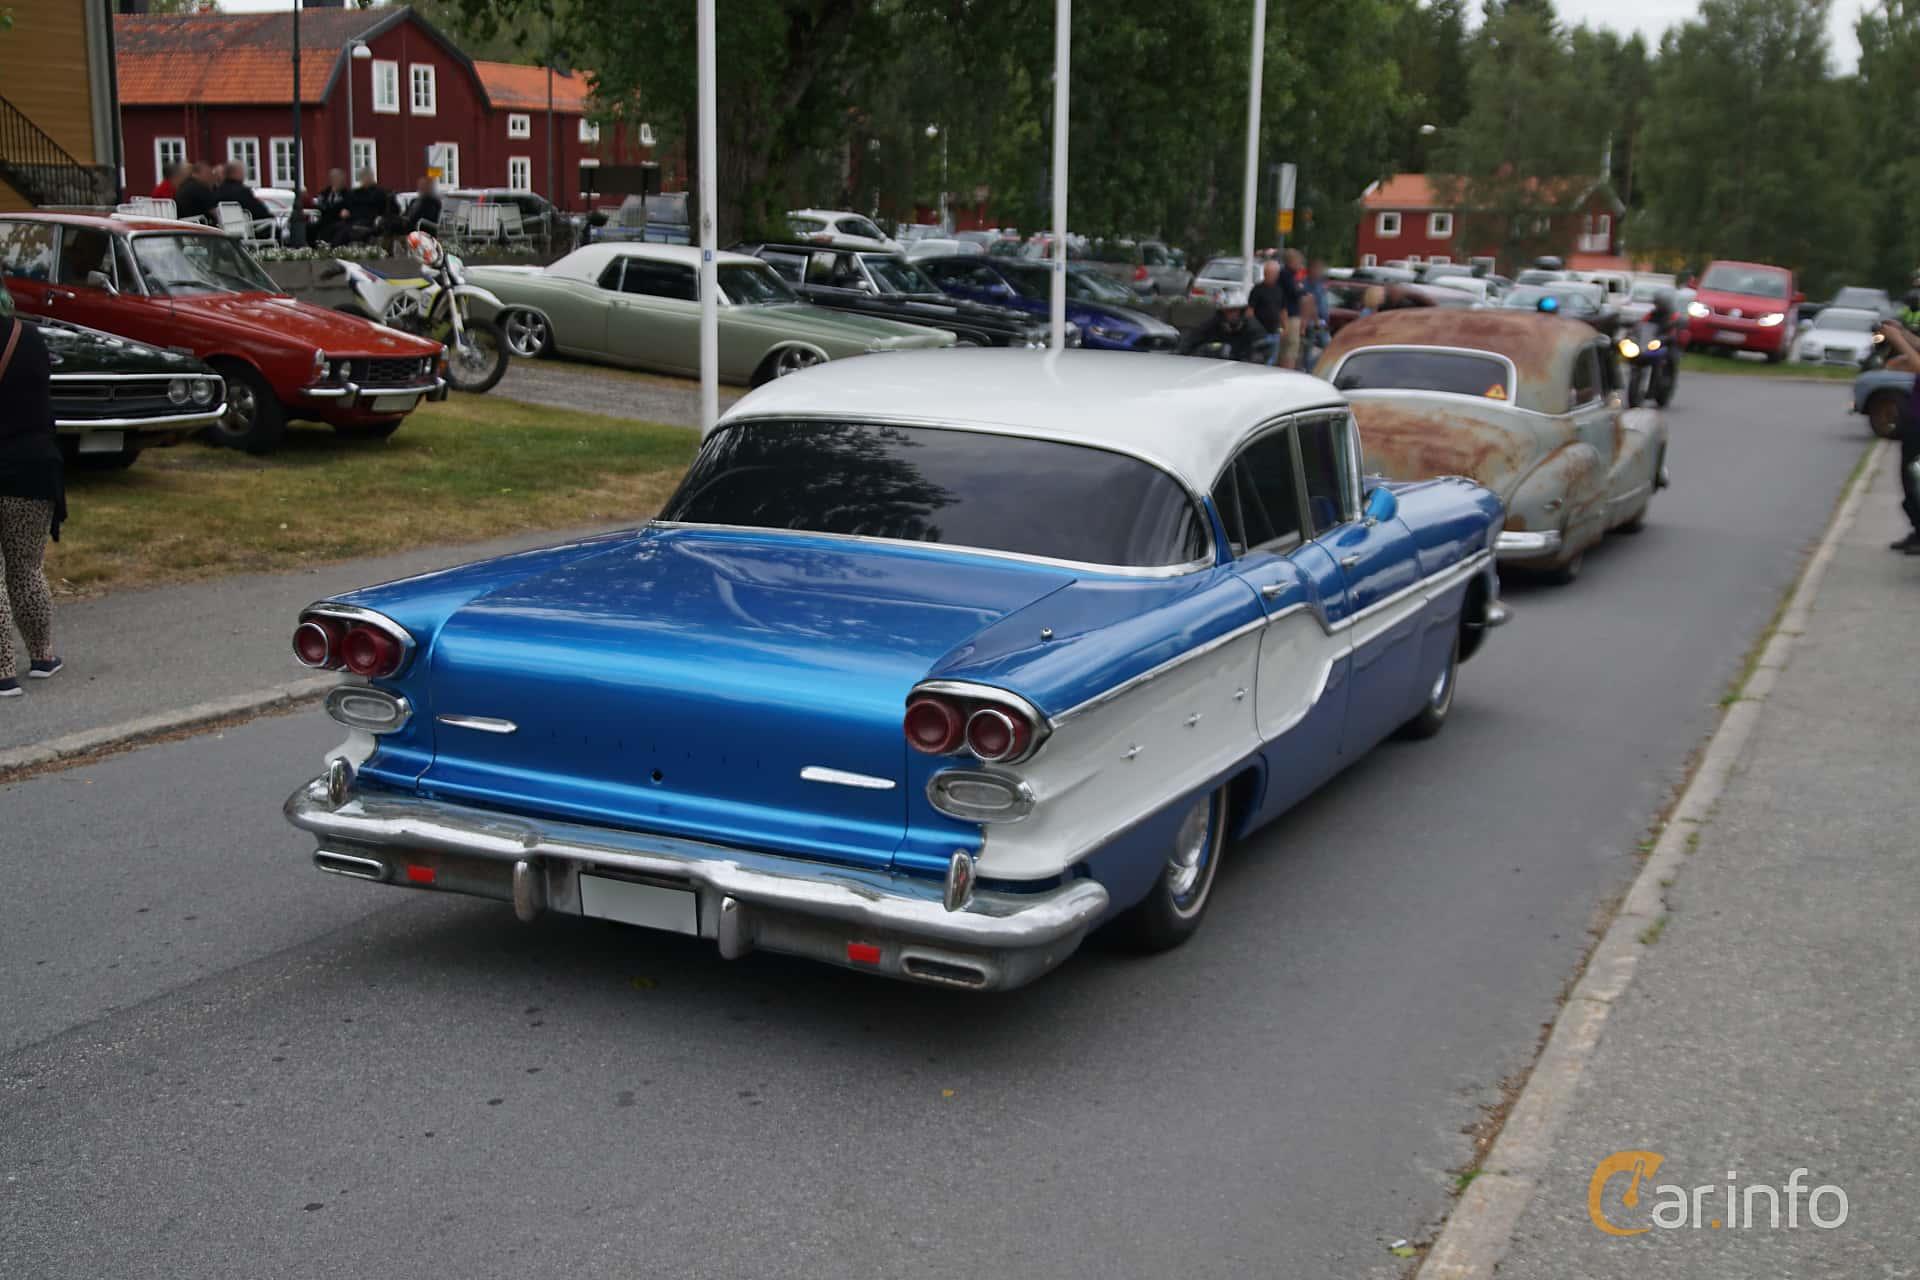 Pontiac Chieftain 4-door Sedan 6.1 V8 Hydra-Matic, 273hp, 1958 at Onsdagsträffar på Gammlia Umeå 2019 vecka 32